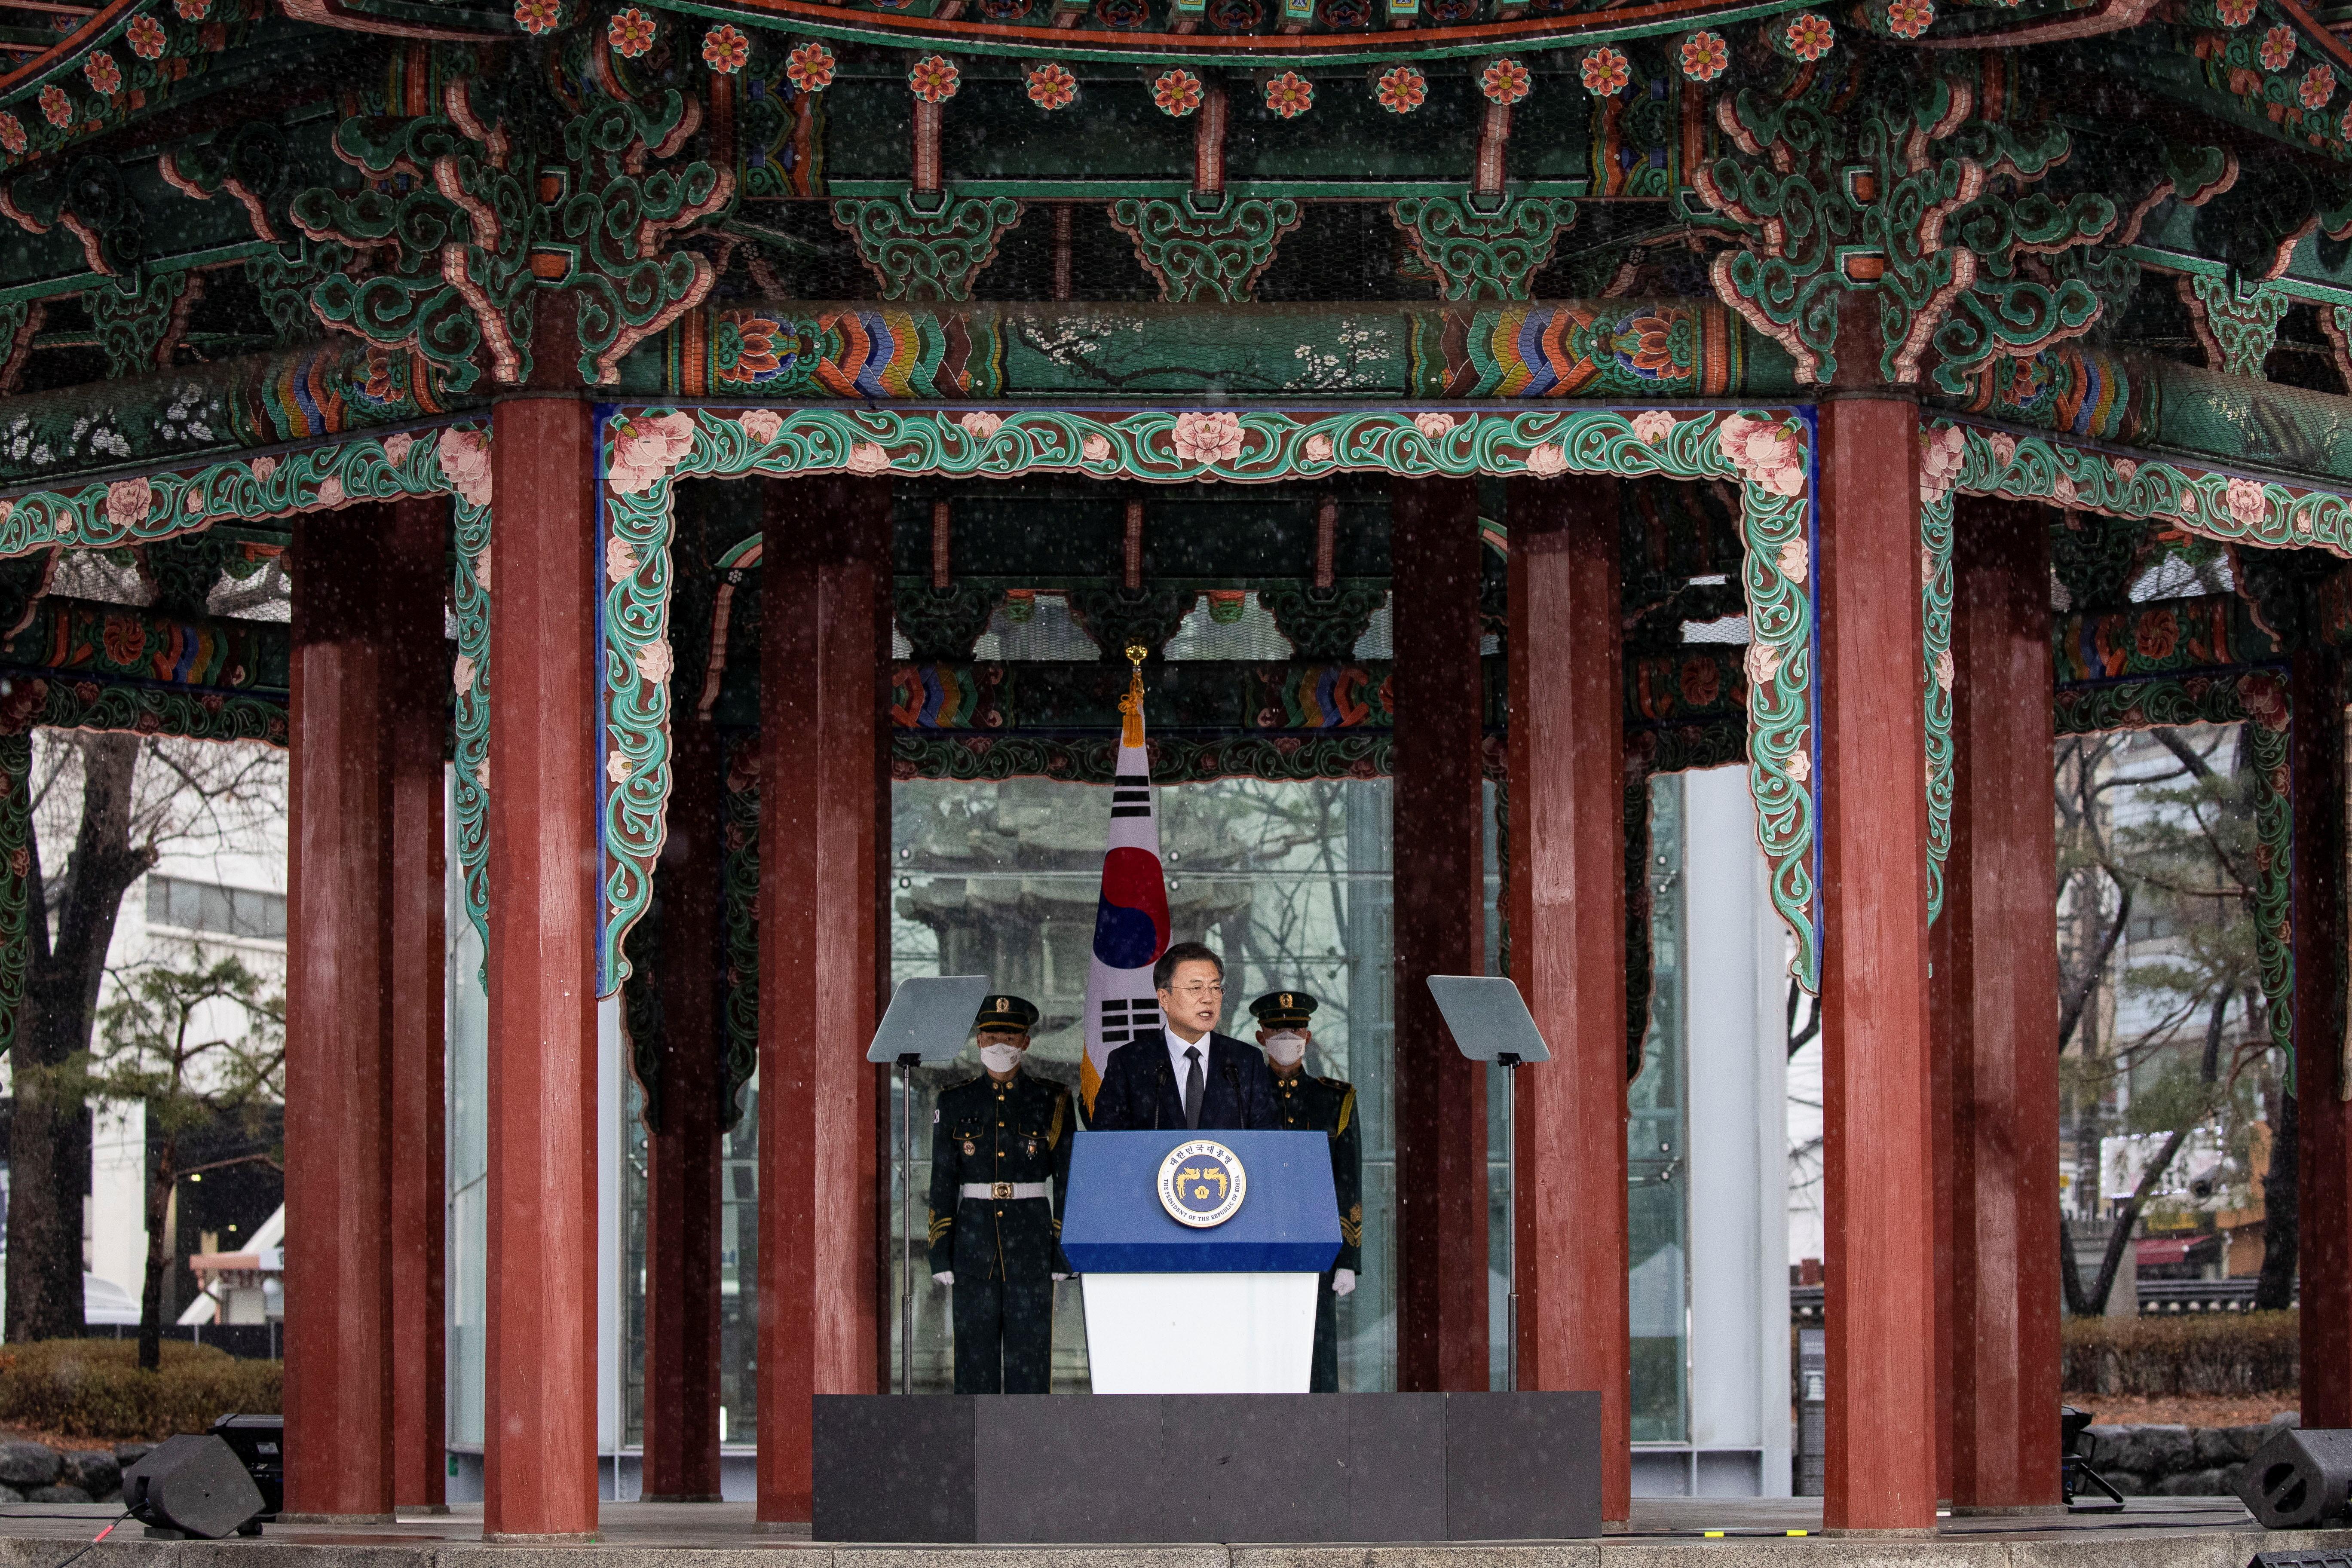 ▲▼南韓總統文在寅偕同妻子金正淑女士1日前往首爾塔谷公園,參與三一節紀念儀式。(圖/路透社)